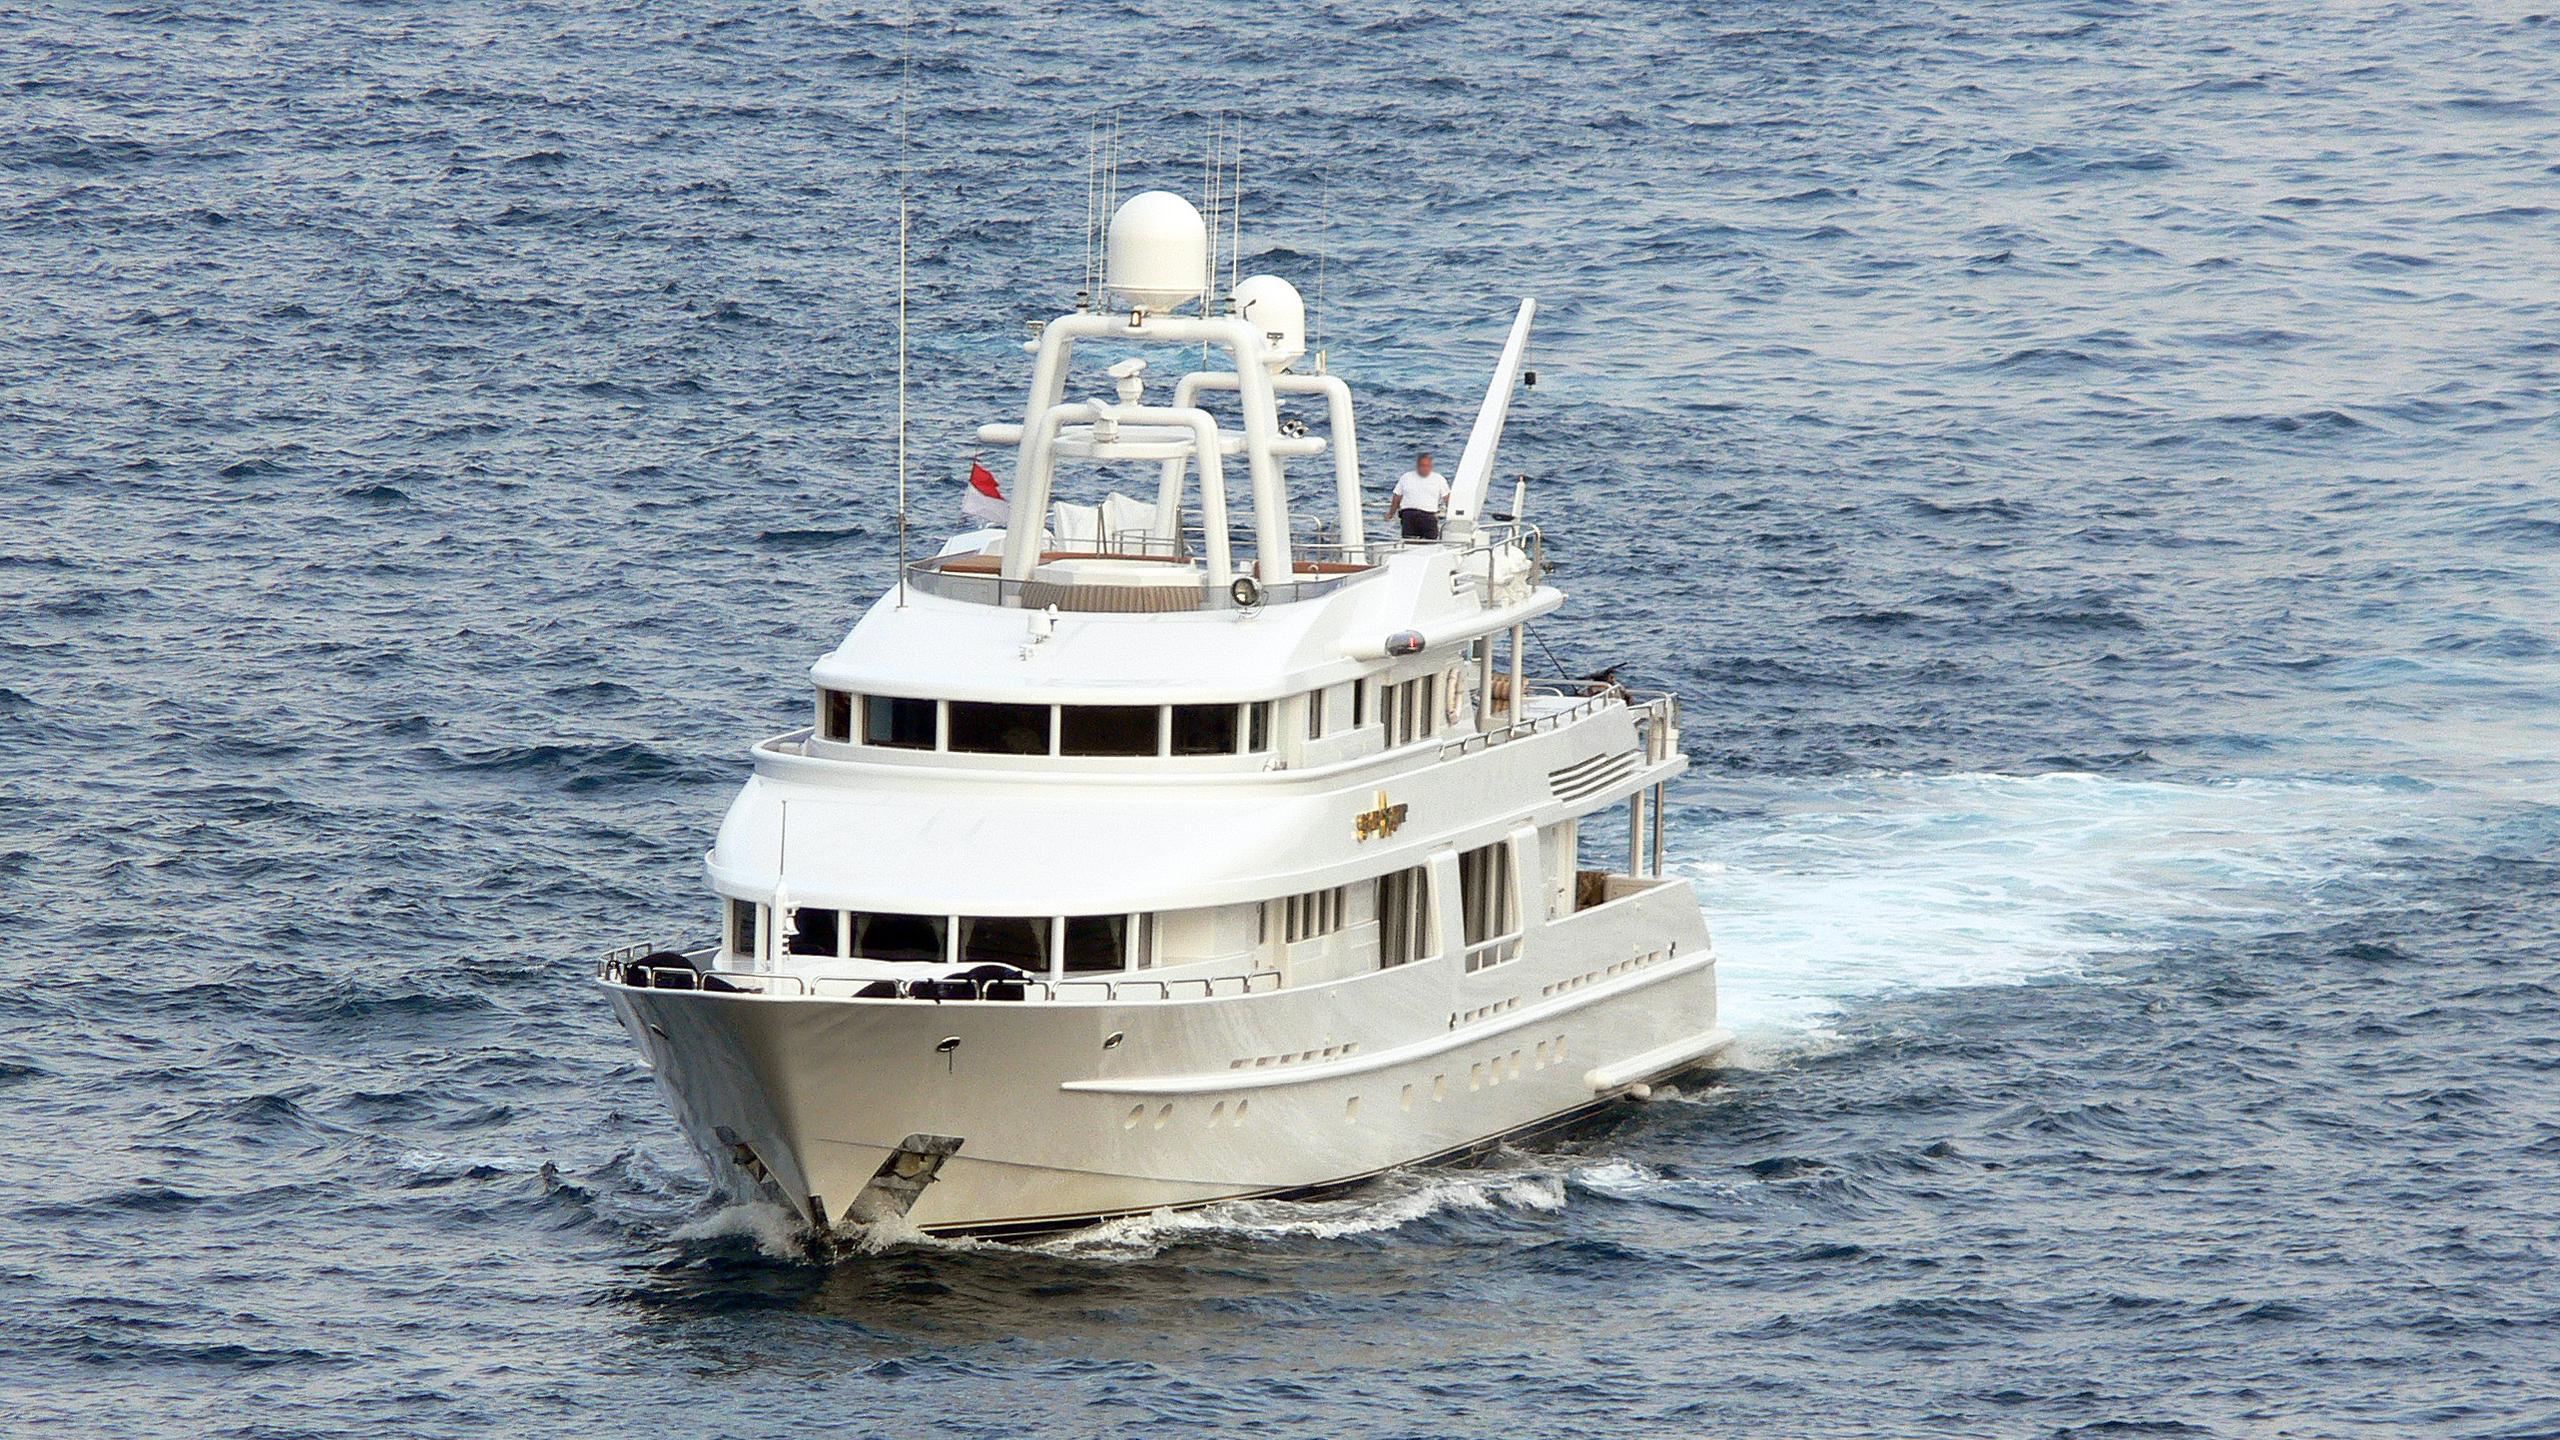 starship-motor-yacht-van-mill-topaz-143-1988-44m-cruising-bow